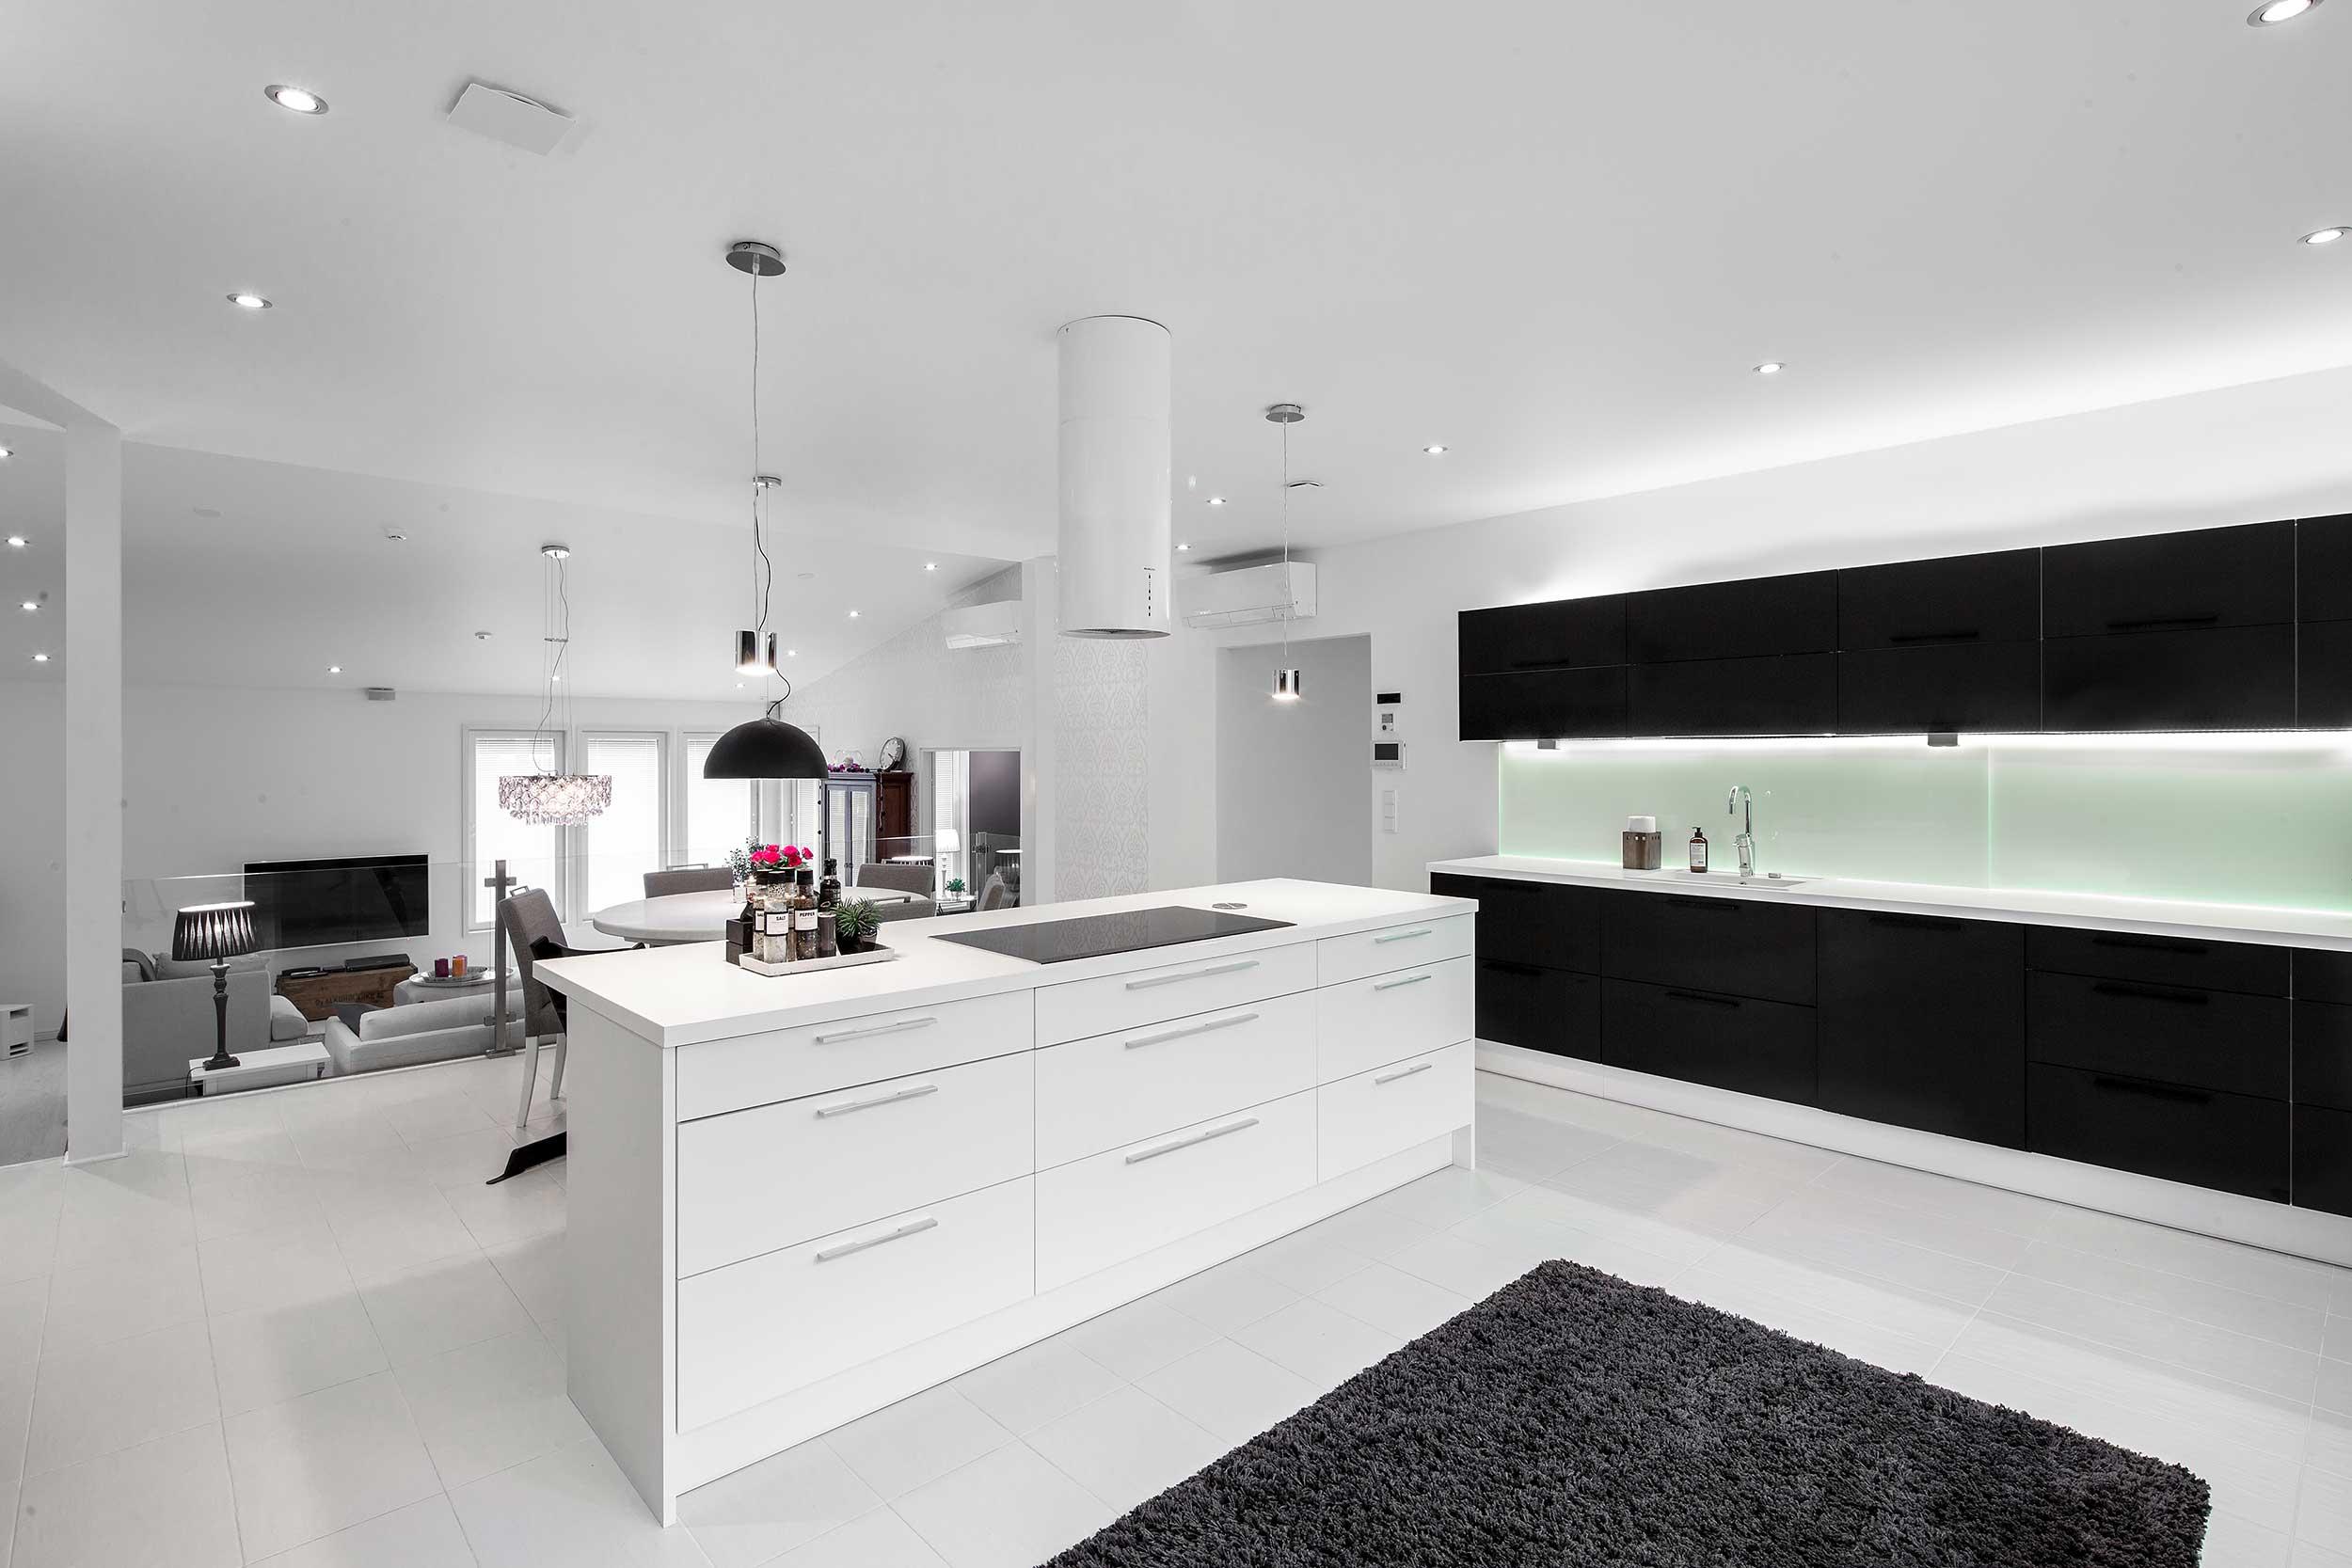 asuntokuvaajan-kuva-moderni valkoinen sisustus